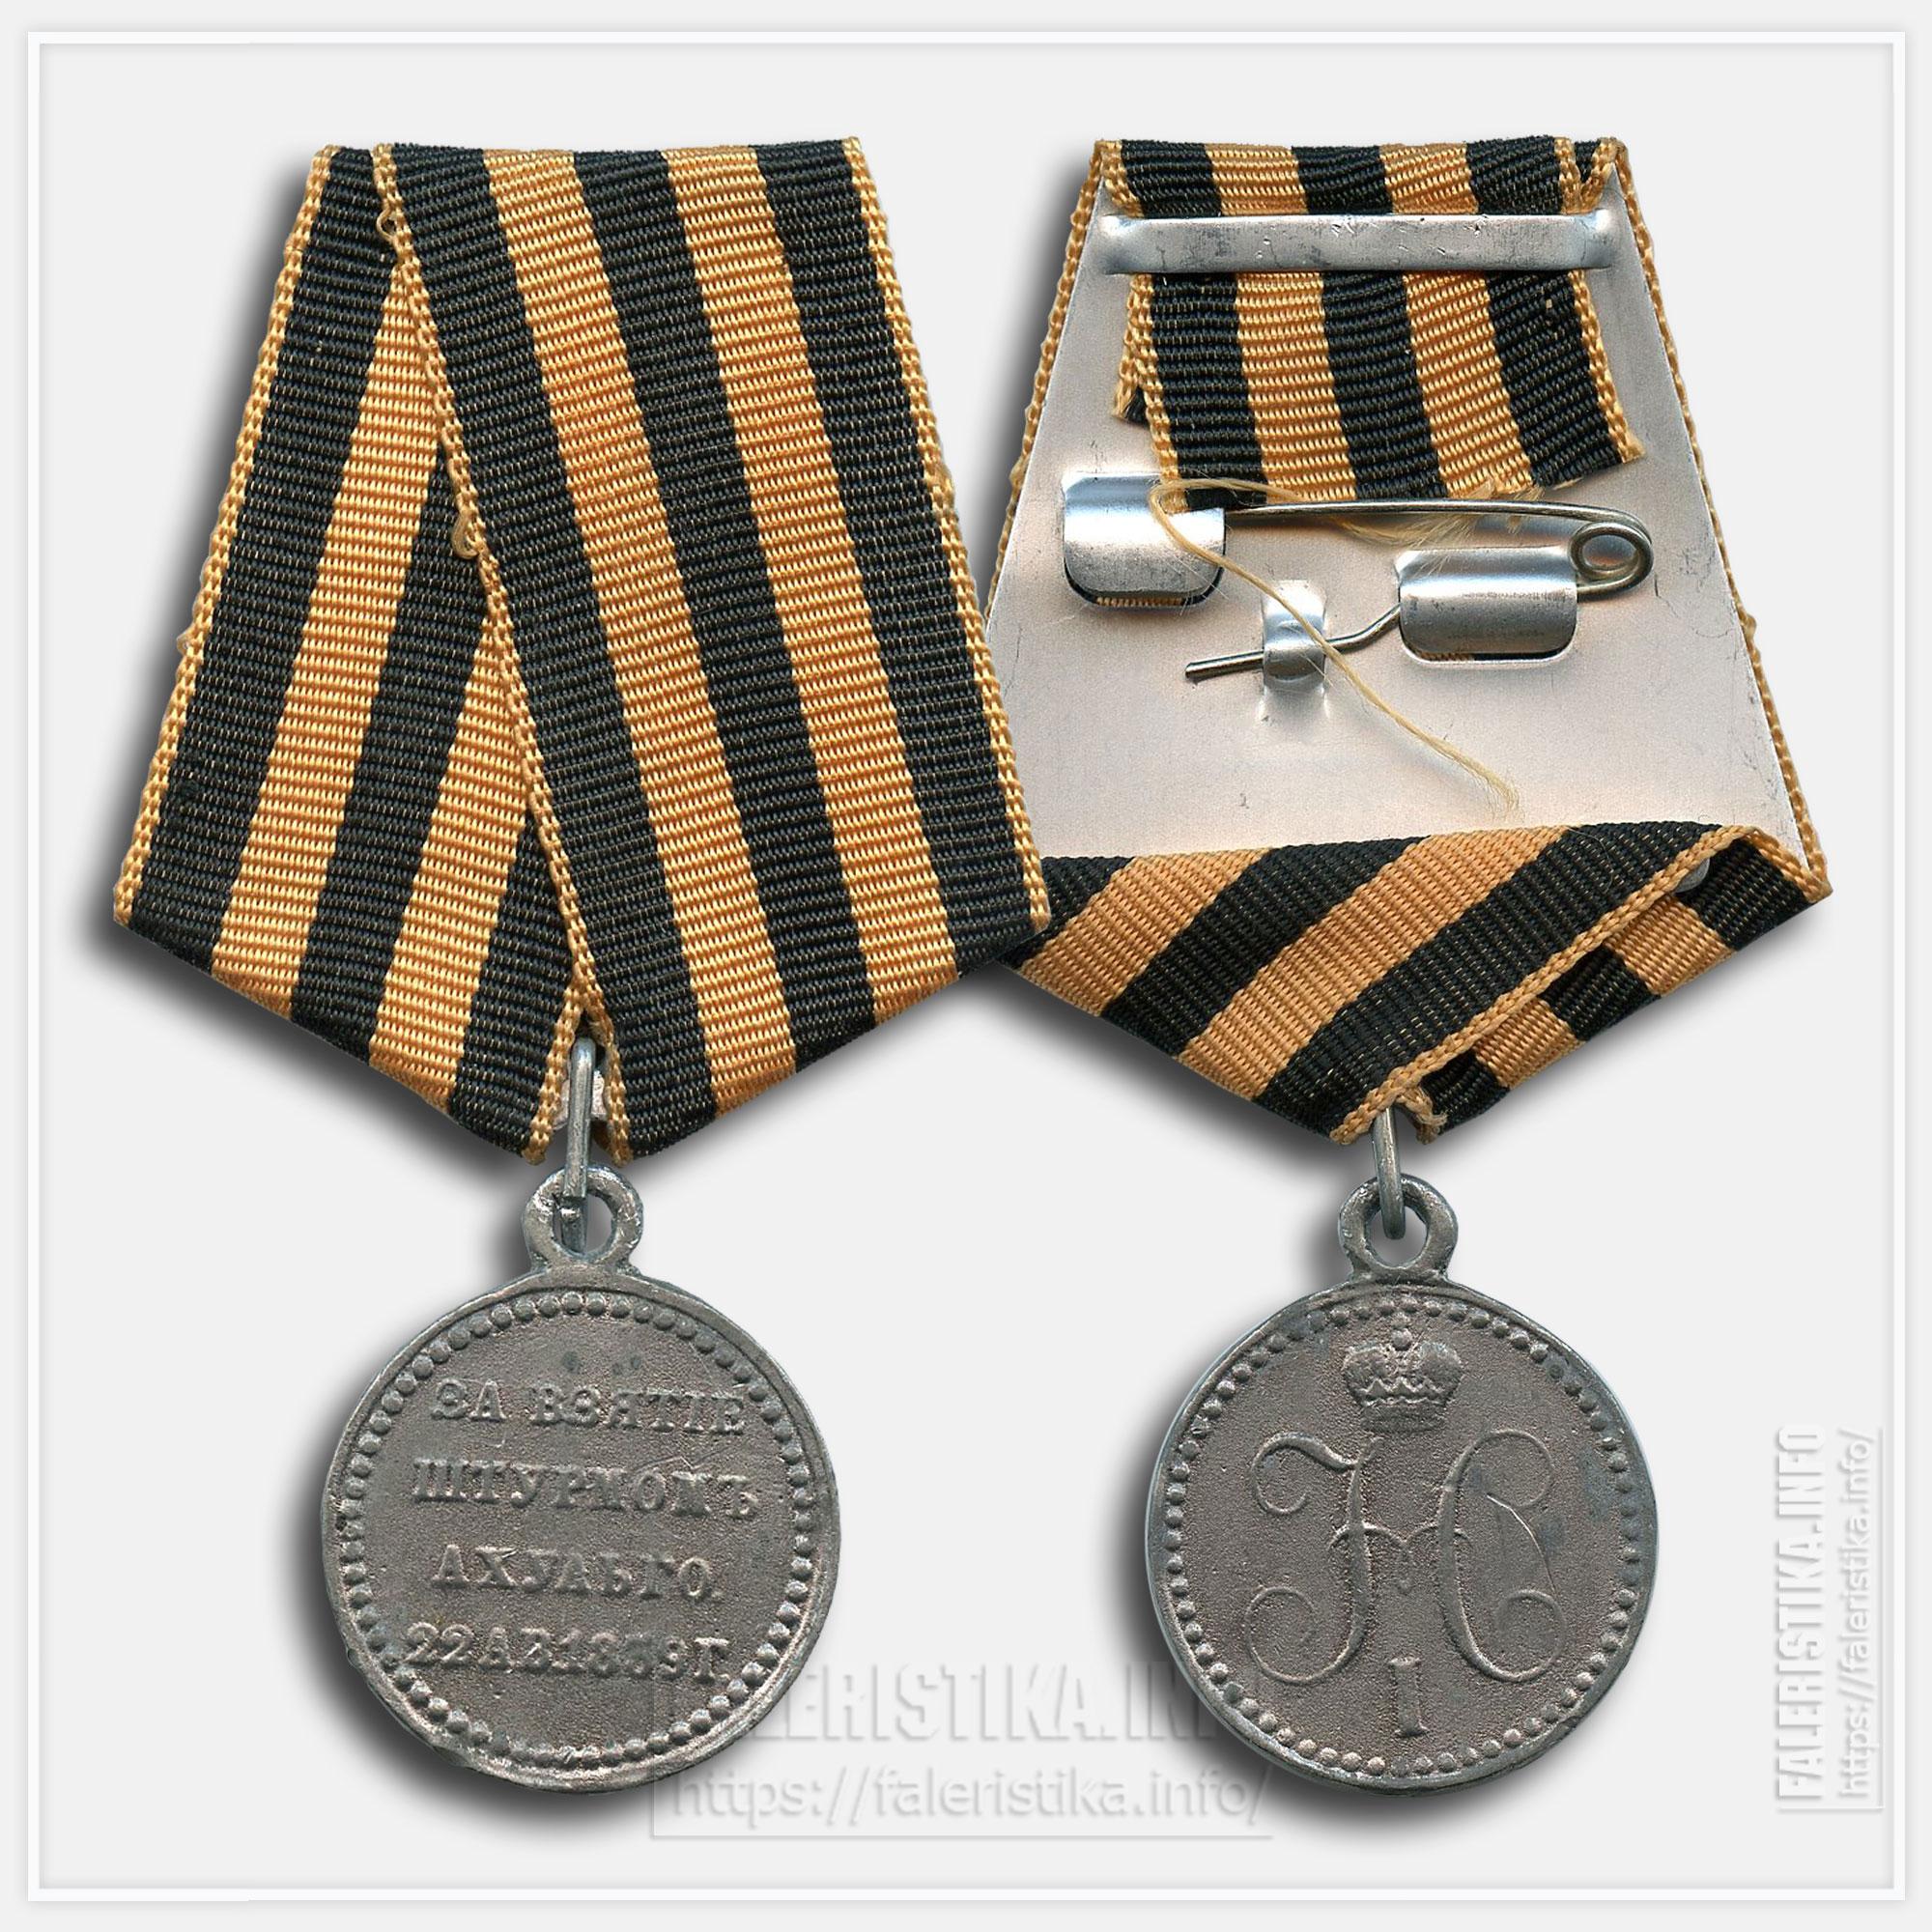 """Медаль """"За взятие штурмом Ахульго 1839"""" Копия"""